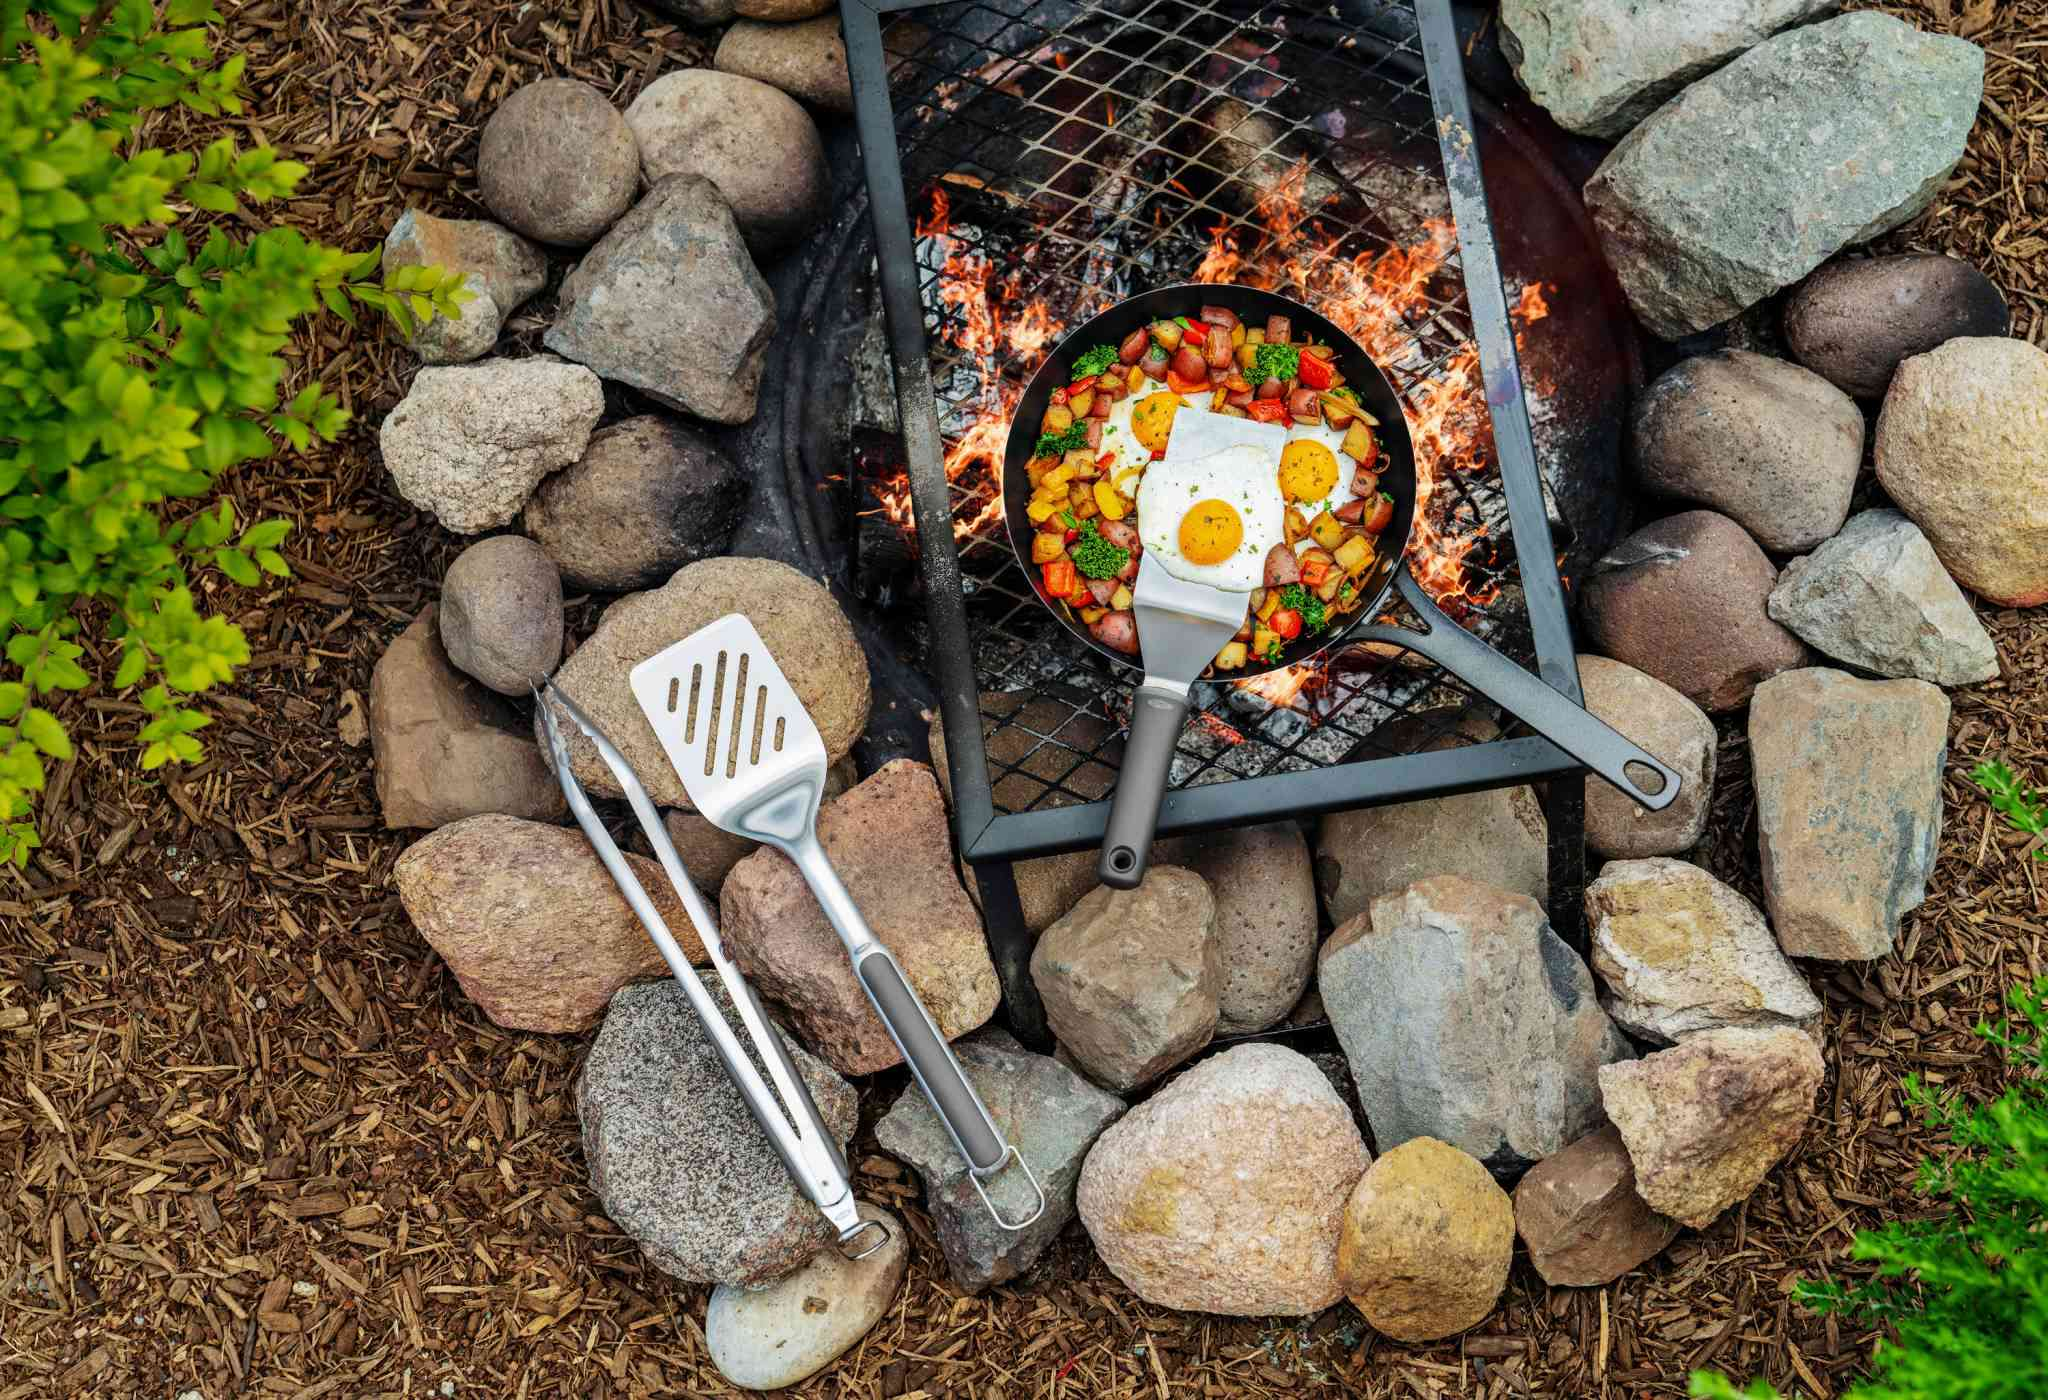 Oxo Outdoor items over a campfire